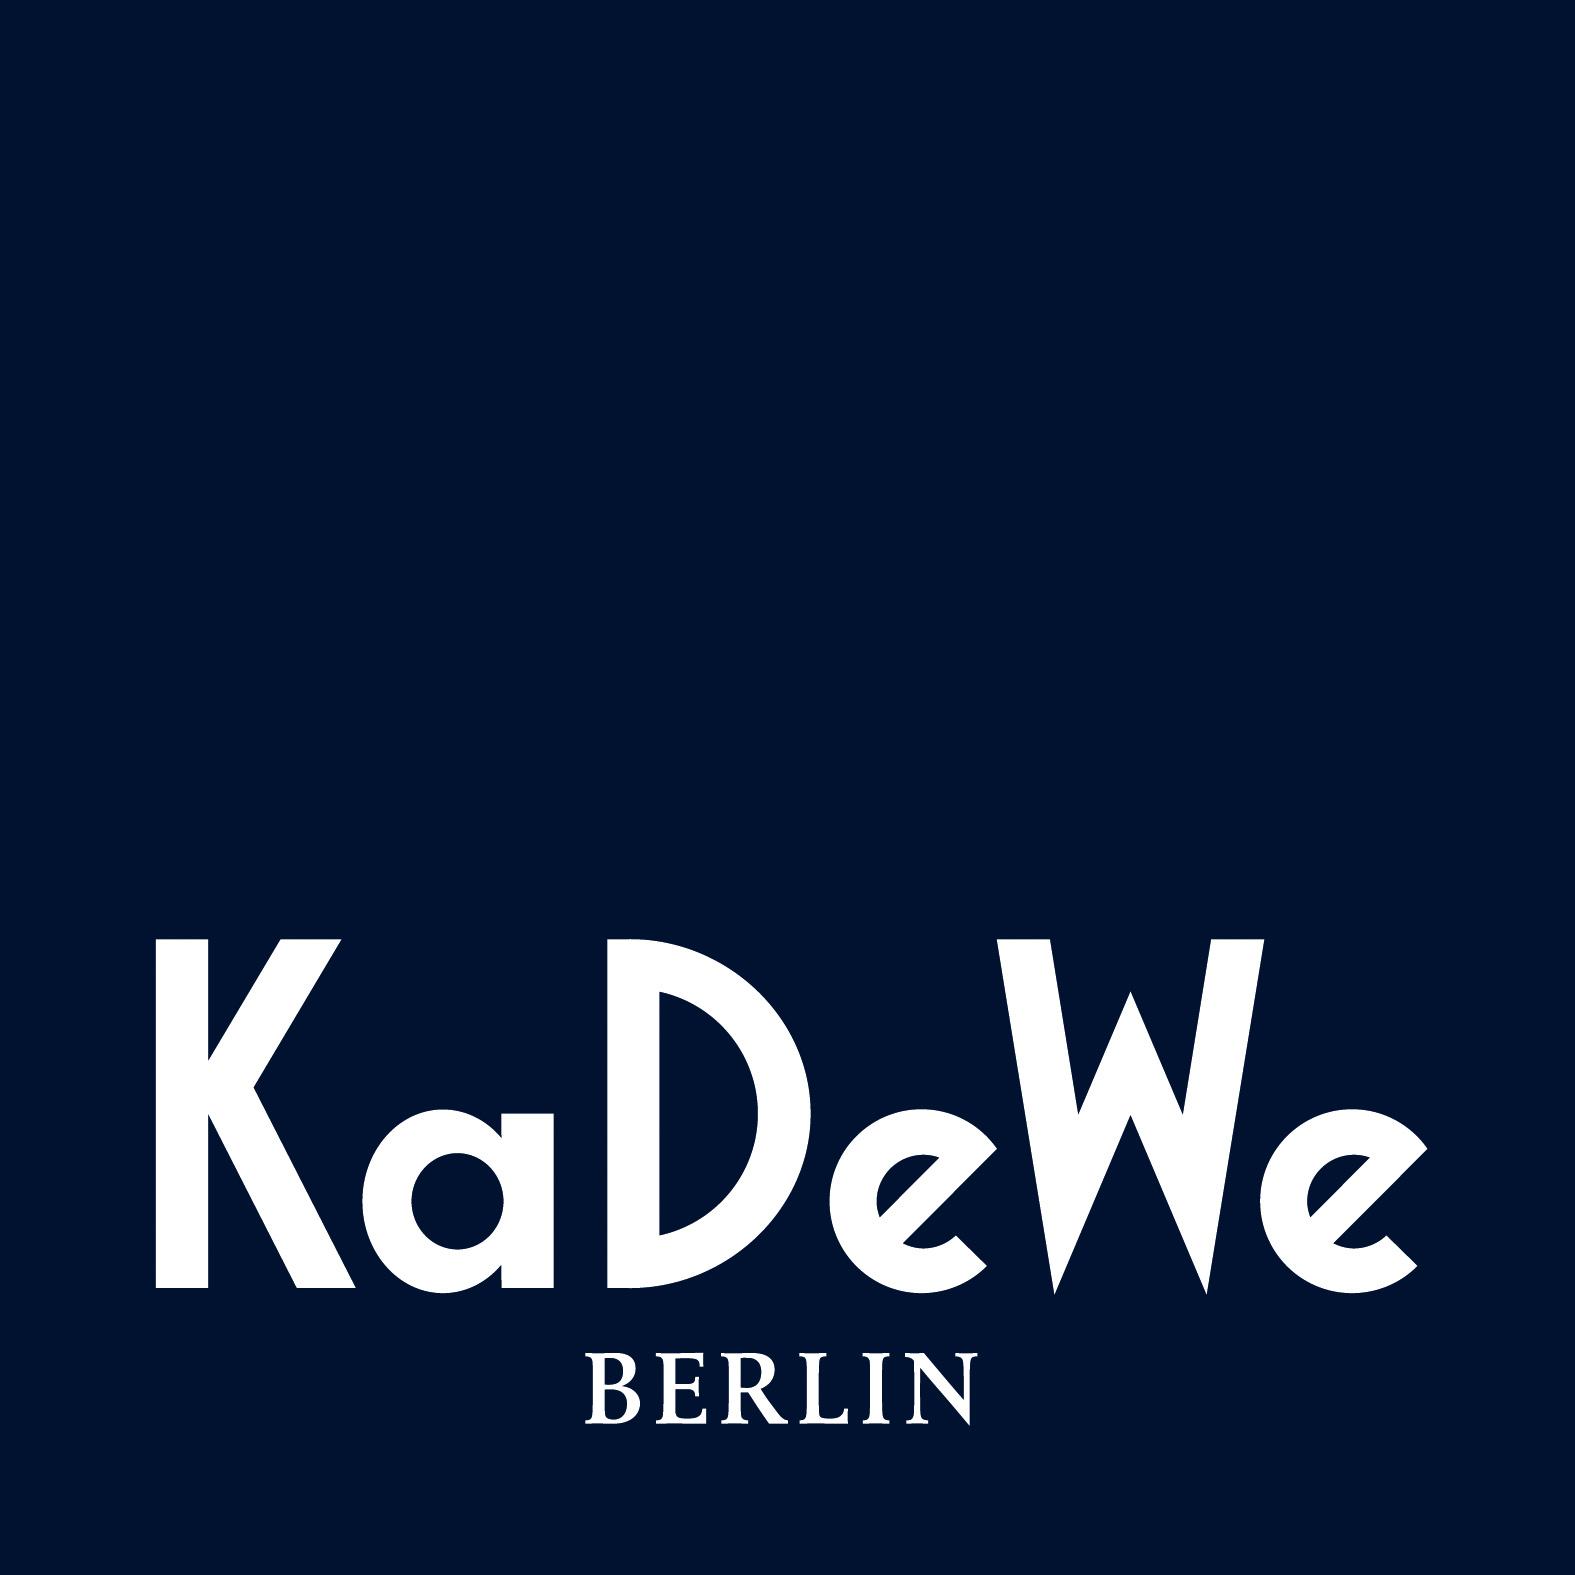 KaDeWeBerlin_4c